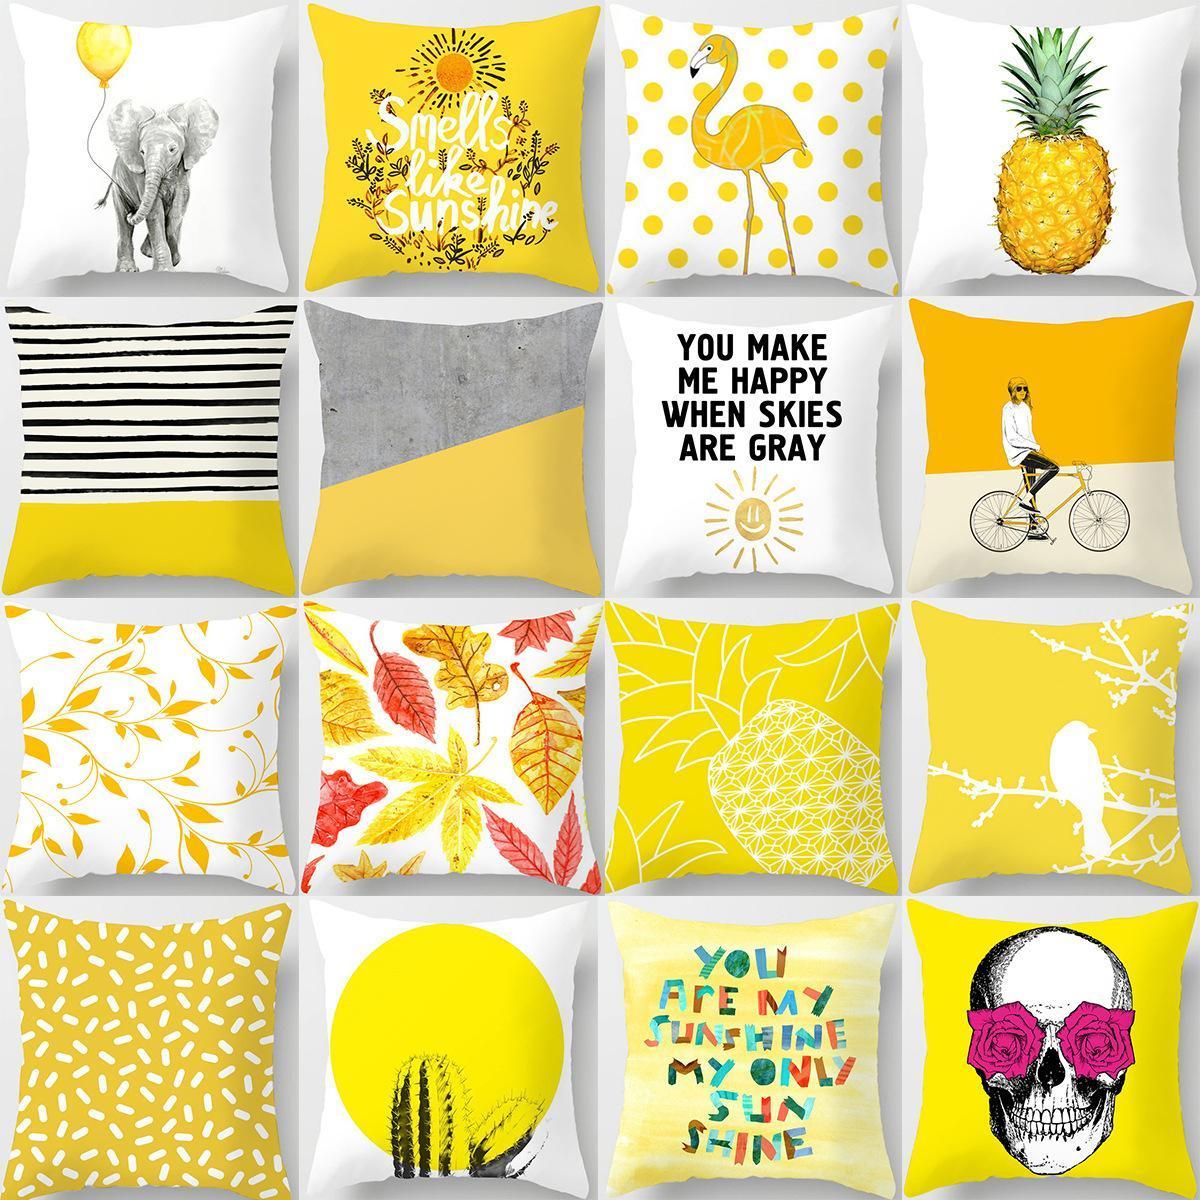 45x45cm Sarı Çizgili Yastık Geometrik Atma Yastık Yastık Kapak Baskı Yastık Yastık Kılıfı Yatak Odası Ofis Dekoru RRA2903 32styles